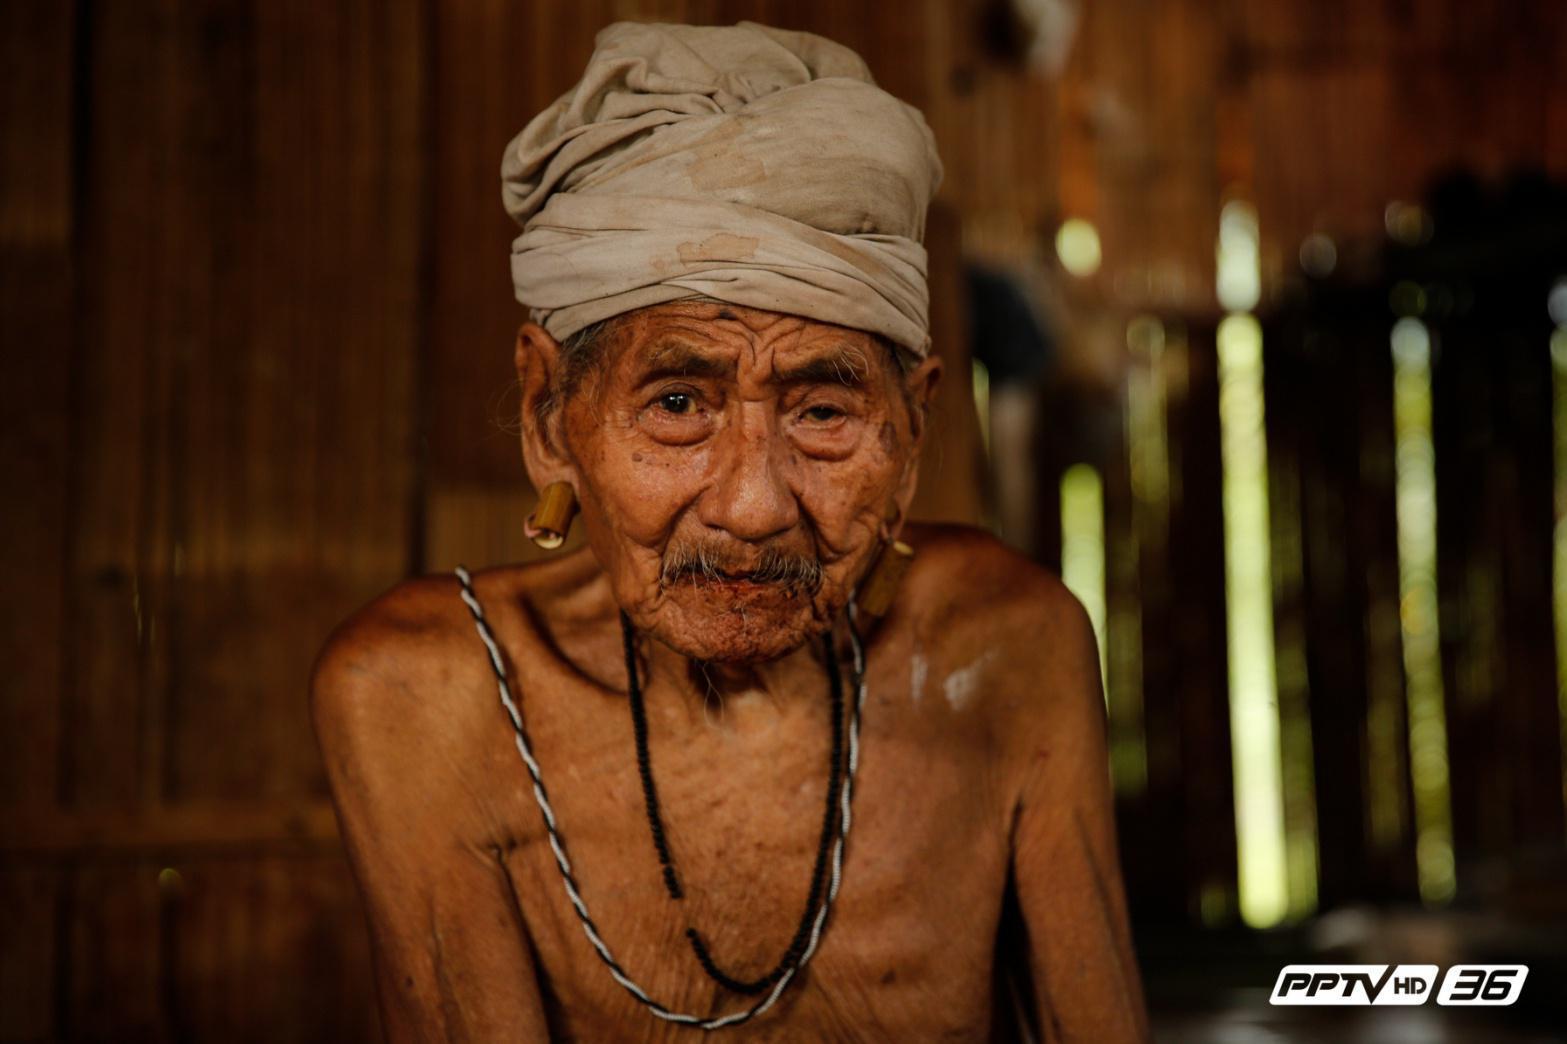 """ด่วน! """"ปู่คออี้"""" จากไปอย่างสงบแล้ว ด้วยวัย 107 ปี"""